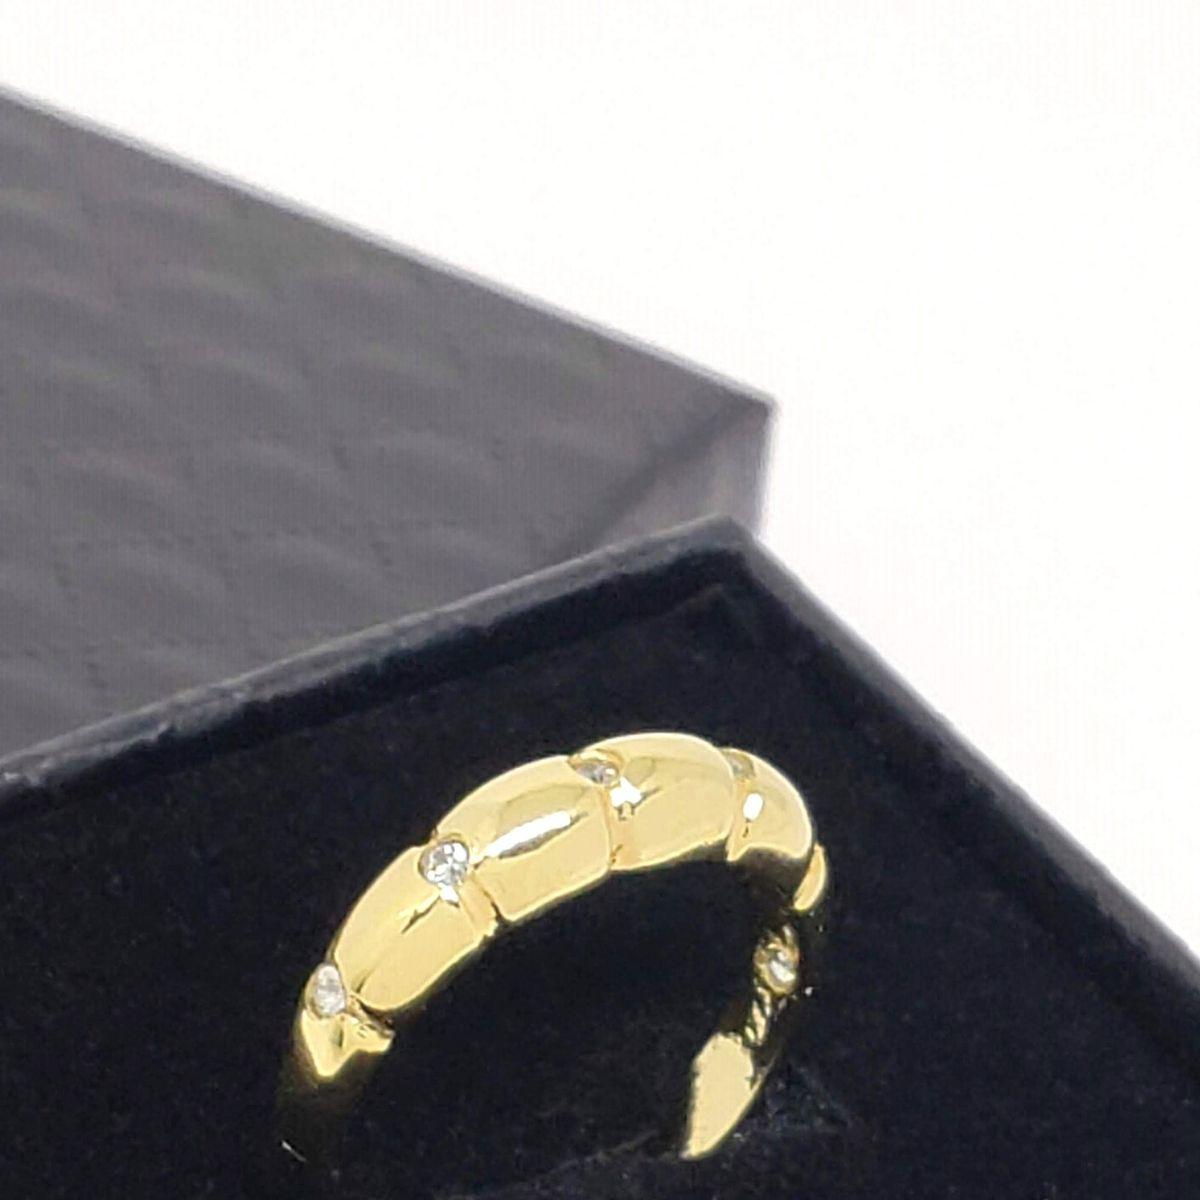 Anel Meia Aliança Cravejado Com Zirconias Banho De Ouro 18k 525